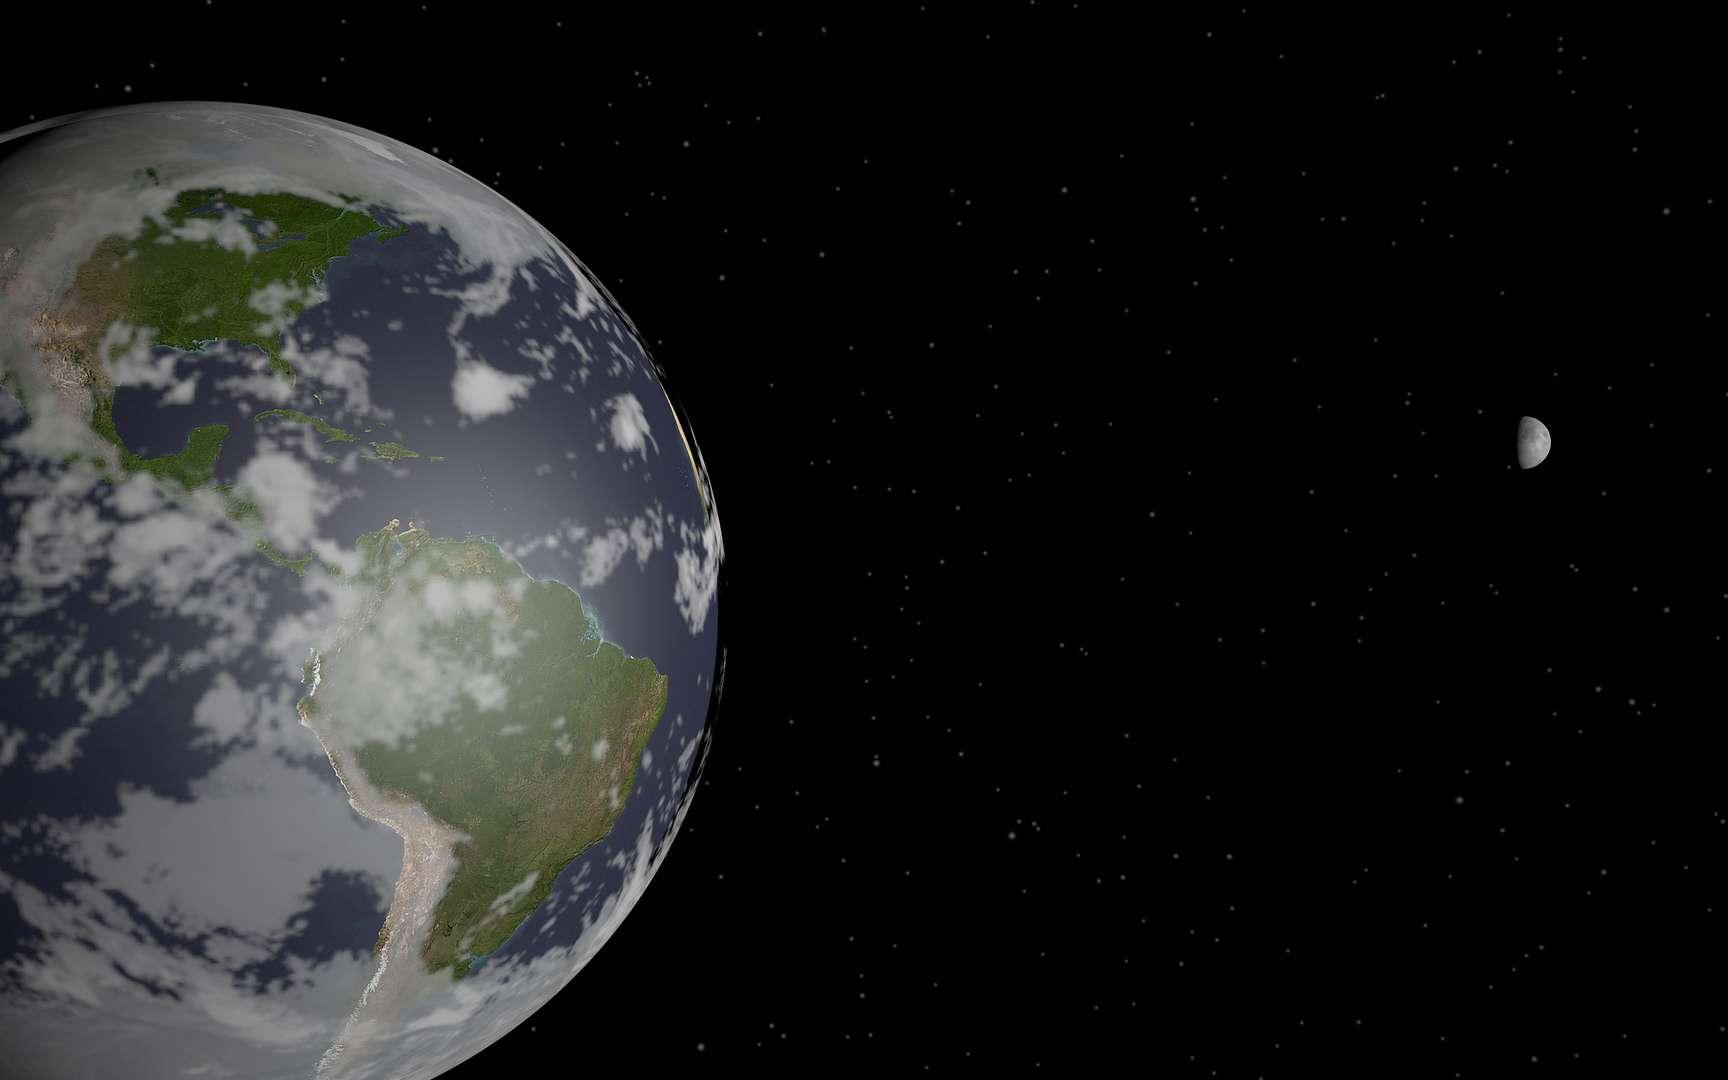 La période de révolution de la Lune autour de la Terre est d'environ 27 jours. © Celestinia Art & Space, Flickr, CC by-sa 2.0